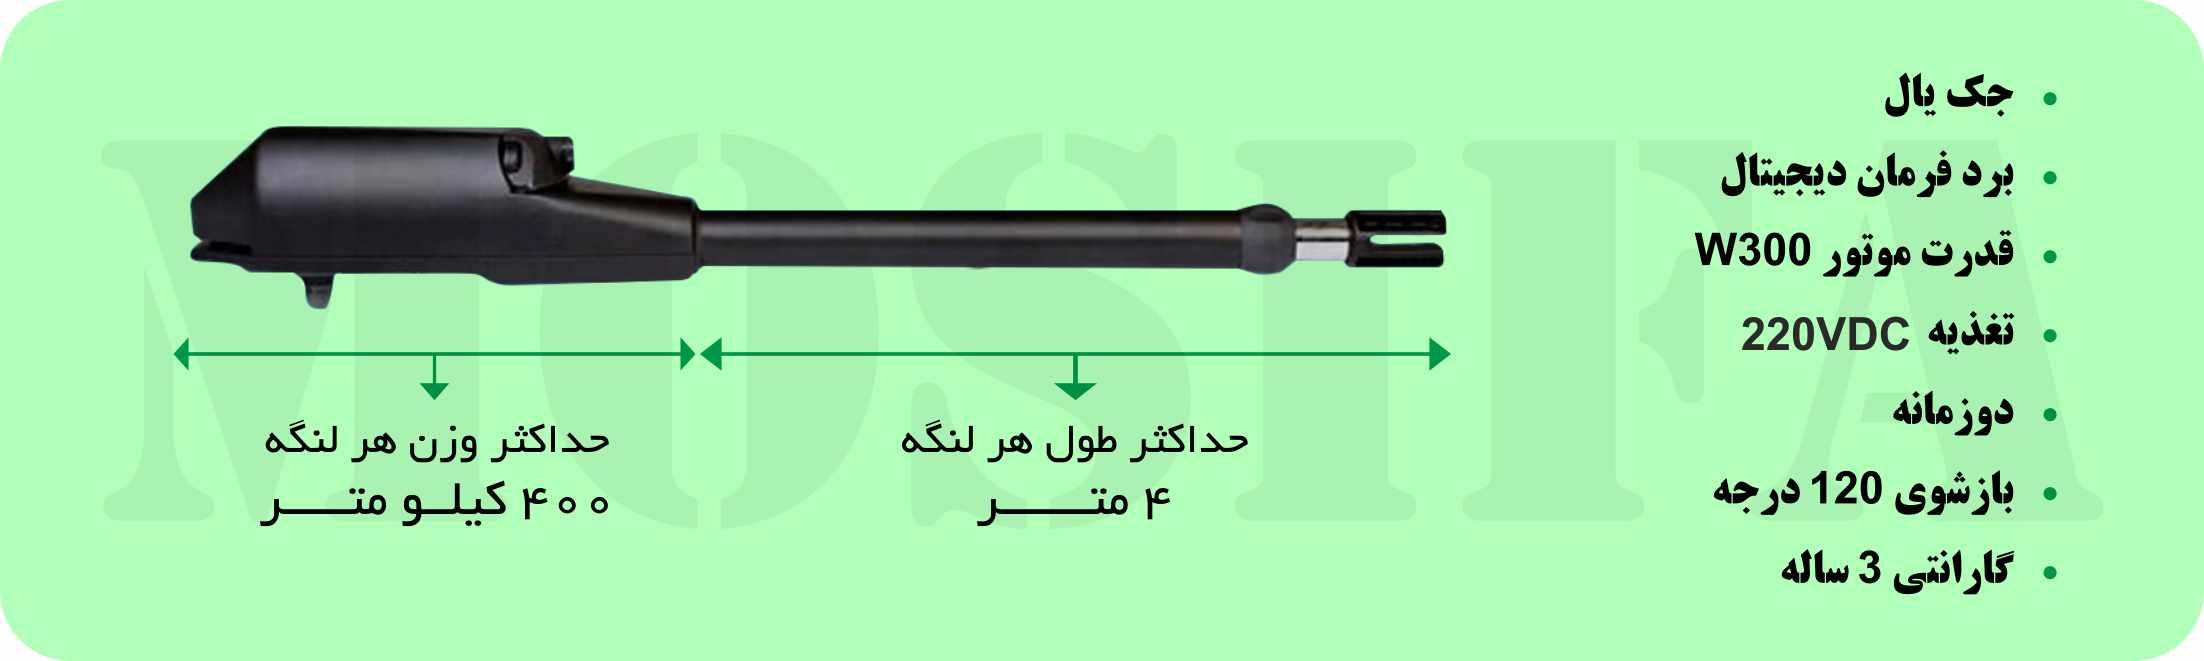 جک بازویی یال مدل YAAL X1 قدرت ۴۰۰KG